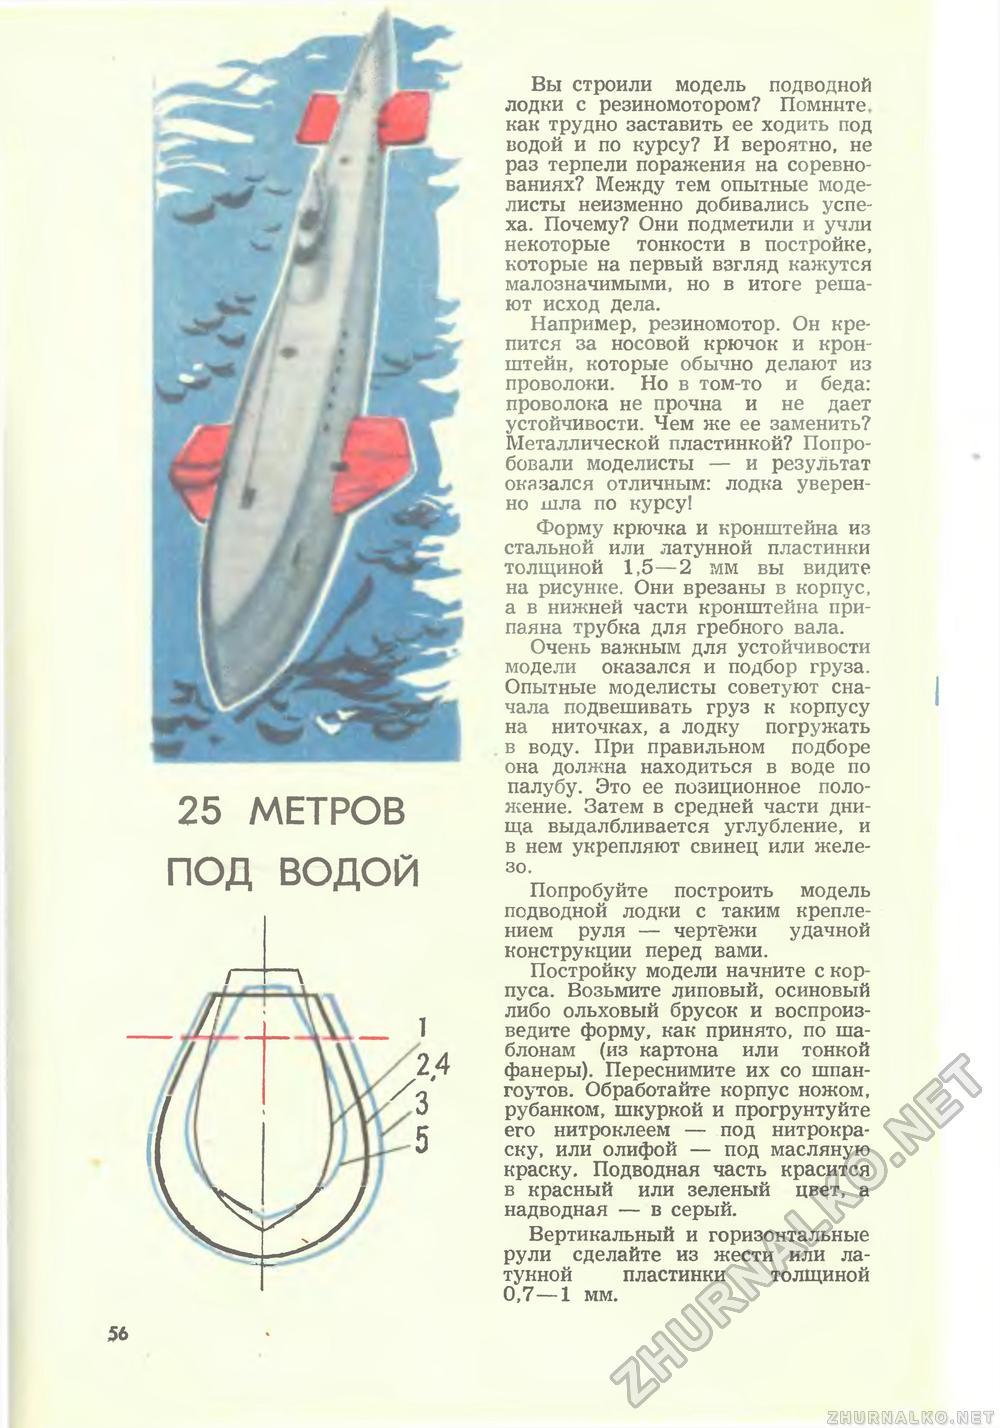 как сделать лодку на резиномоторе